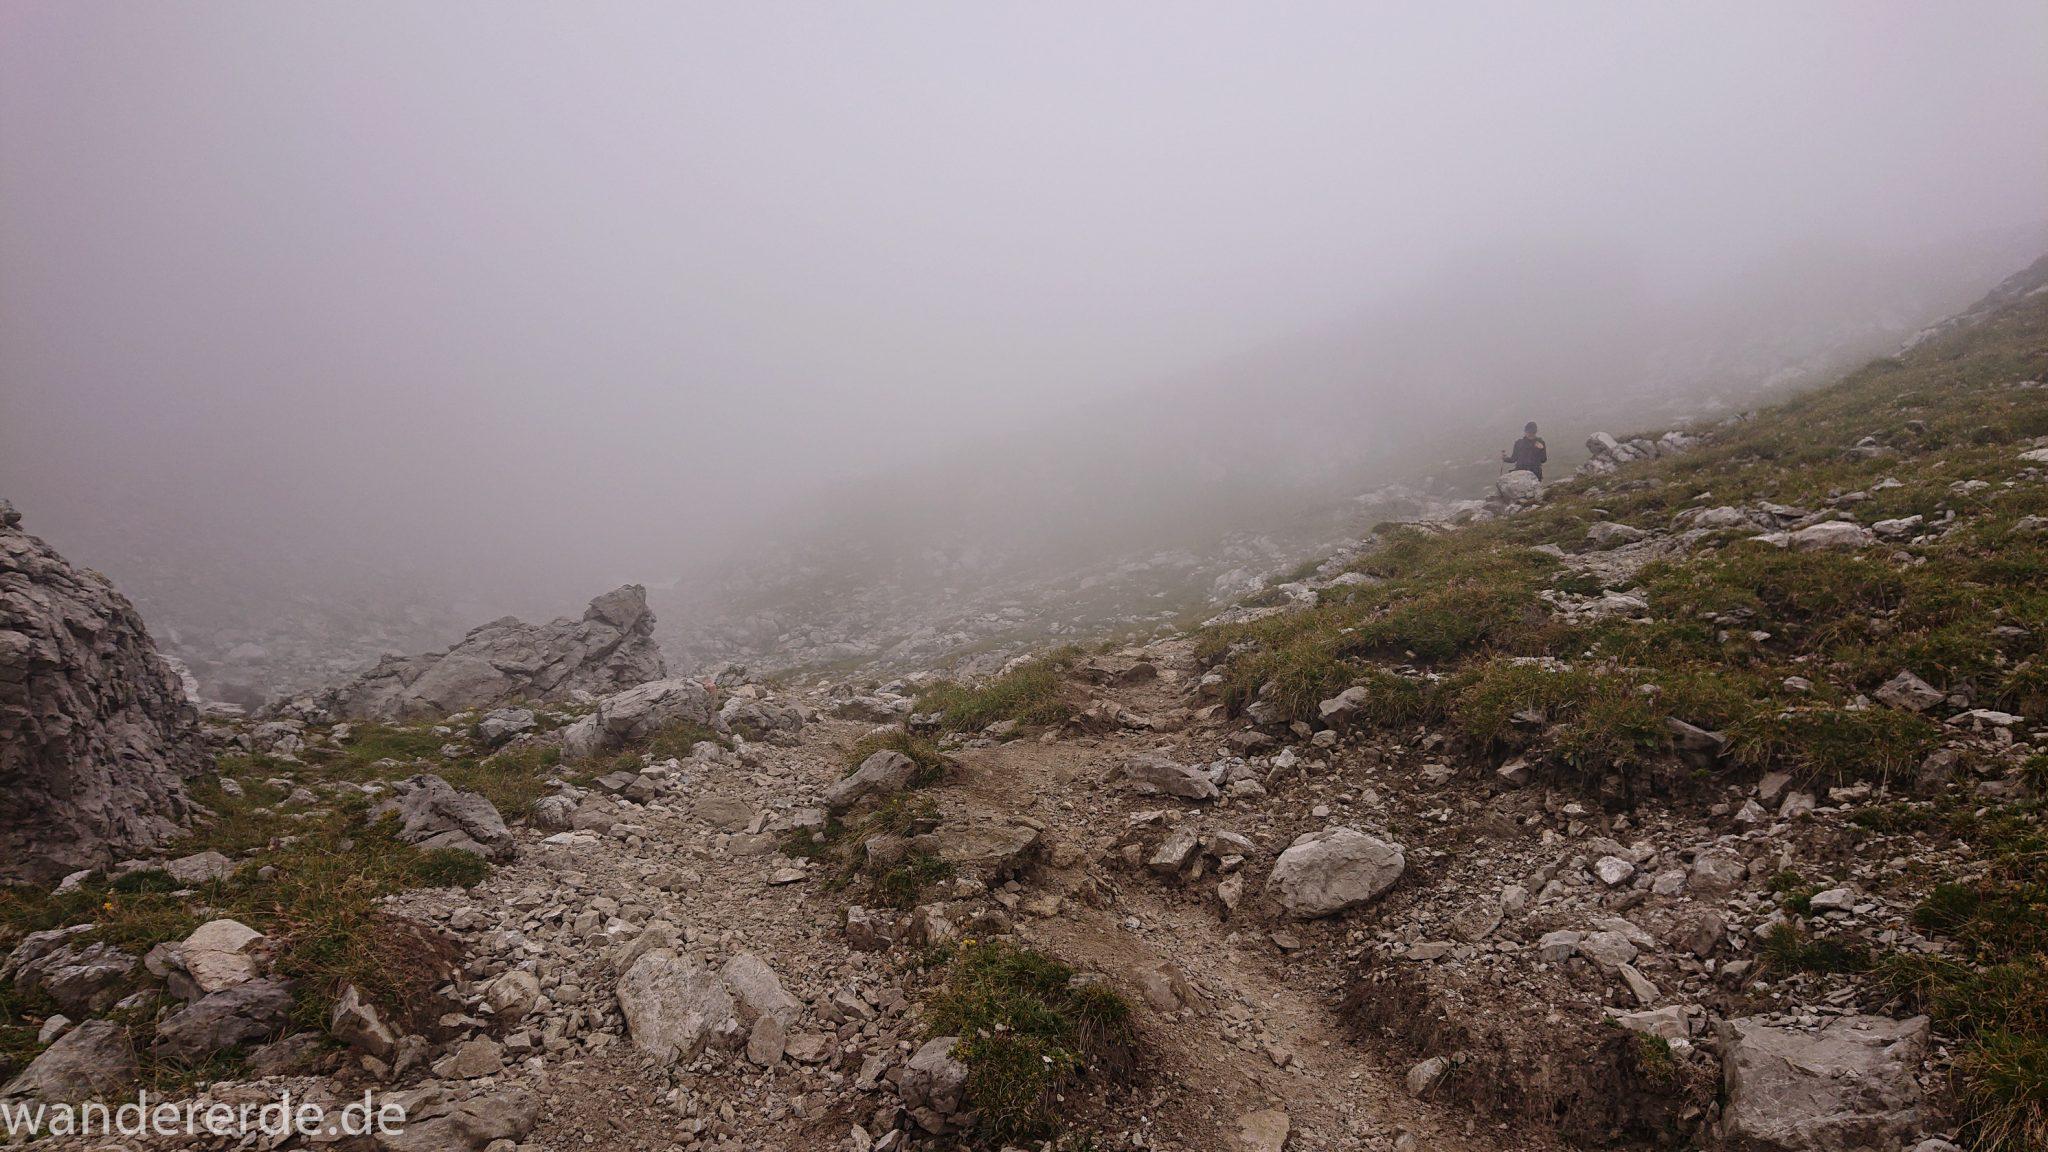 Alpenüberquerung Fernwanderweg E5 Oberstdorf Meran, 3. Etappe von Memminger Hütte zur Skihütte Zams, nach Erreichen der Seescharte folgt ein sehr langer Abstieg ins Lochbachtal Richtung Zams, Blick auf Wanderer unterwegs auf schmalem Wanderpfad mit viel Geröll, Berge und Umgebung liegen im Nebel verborgen